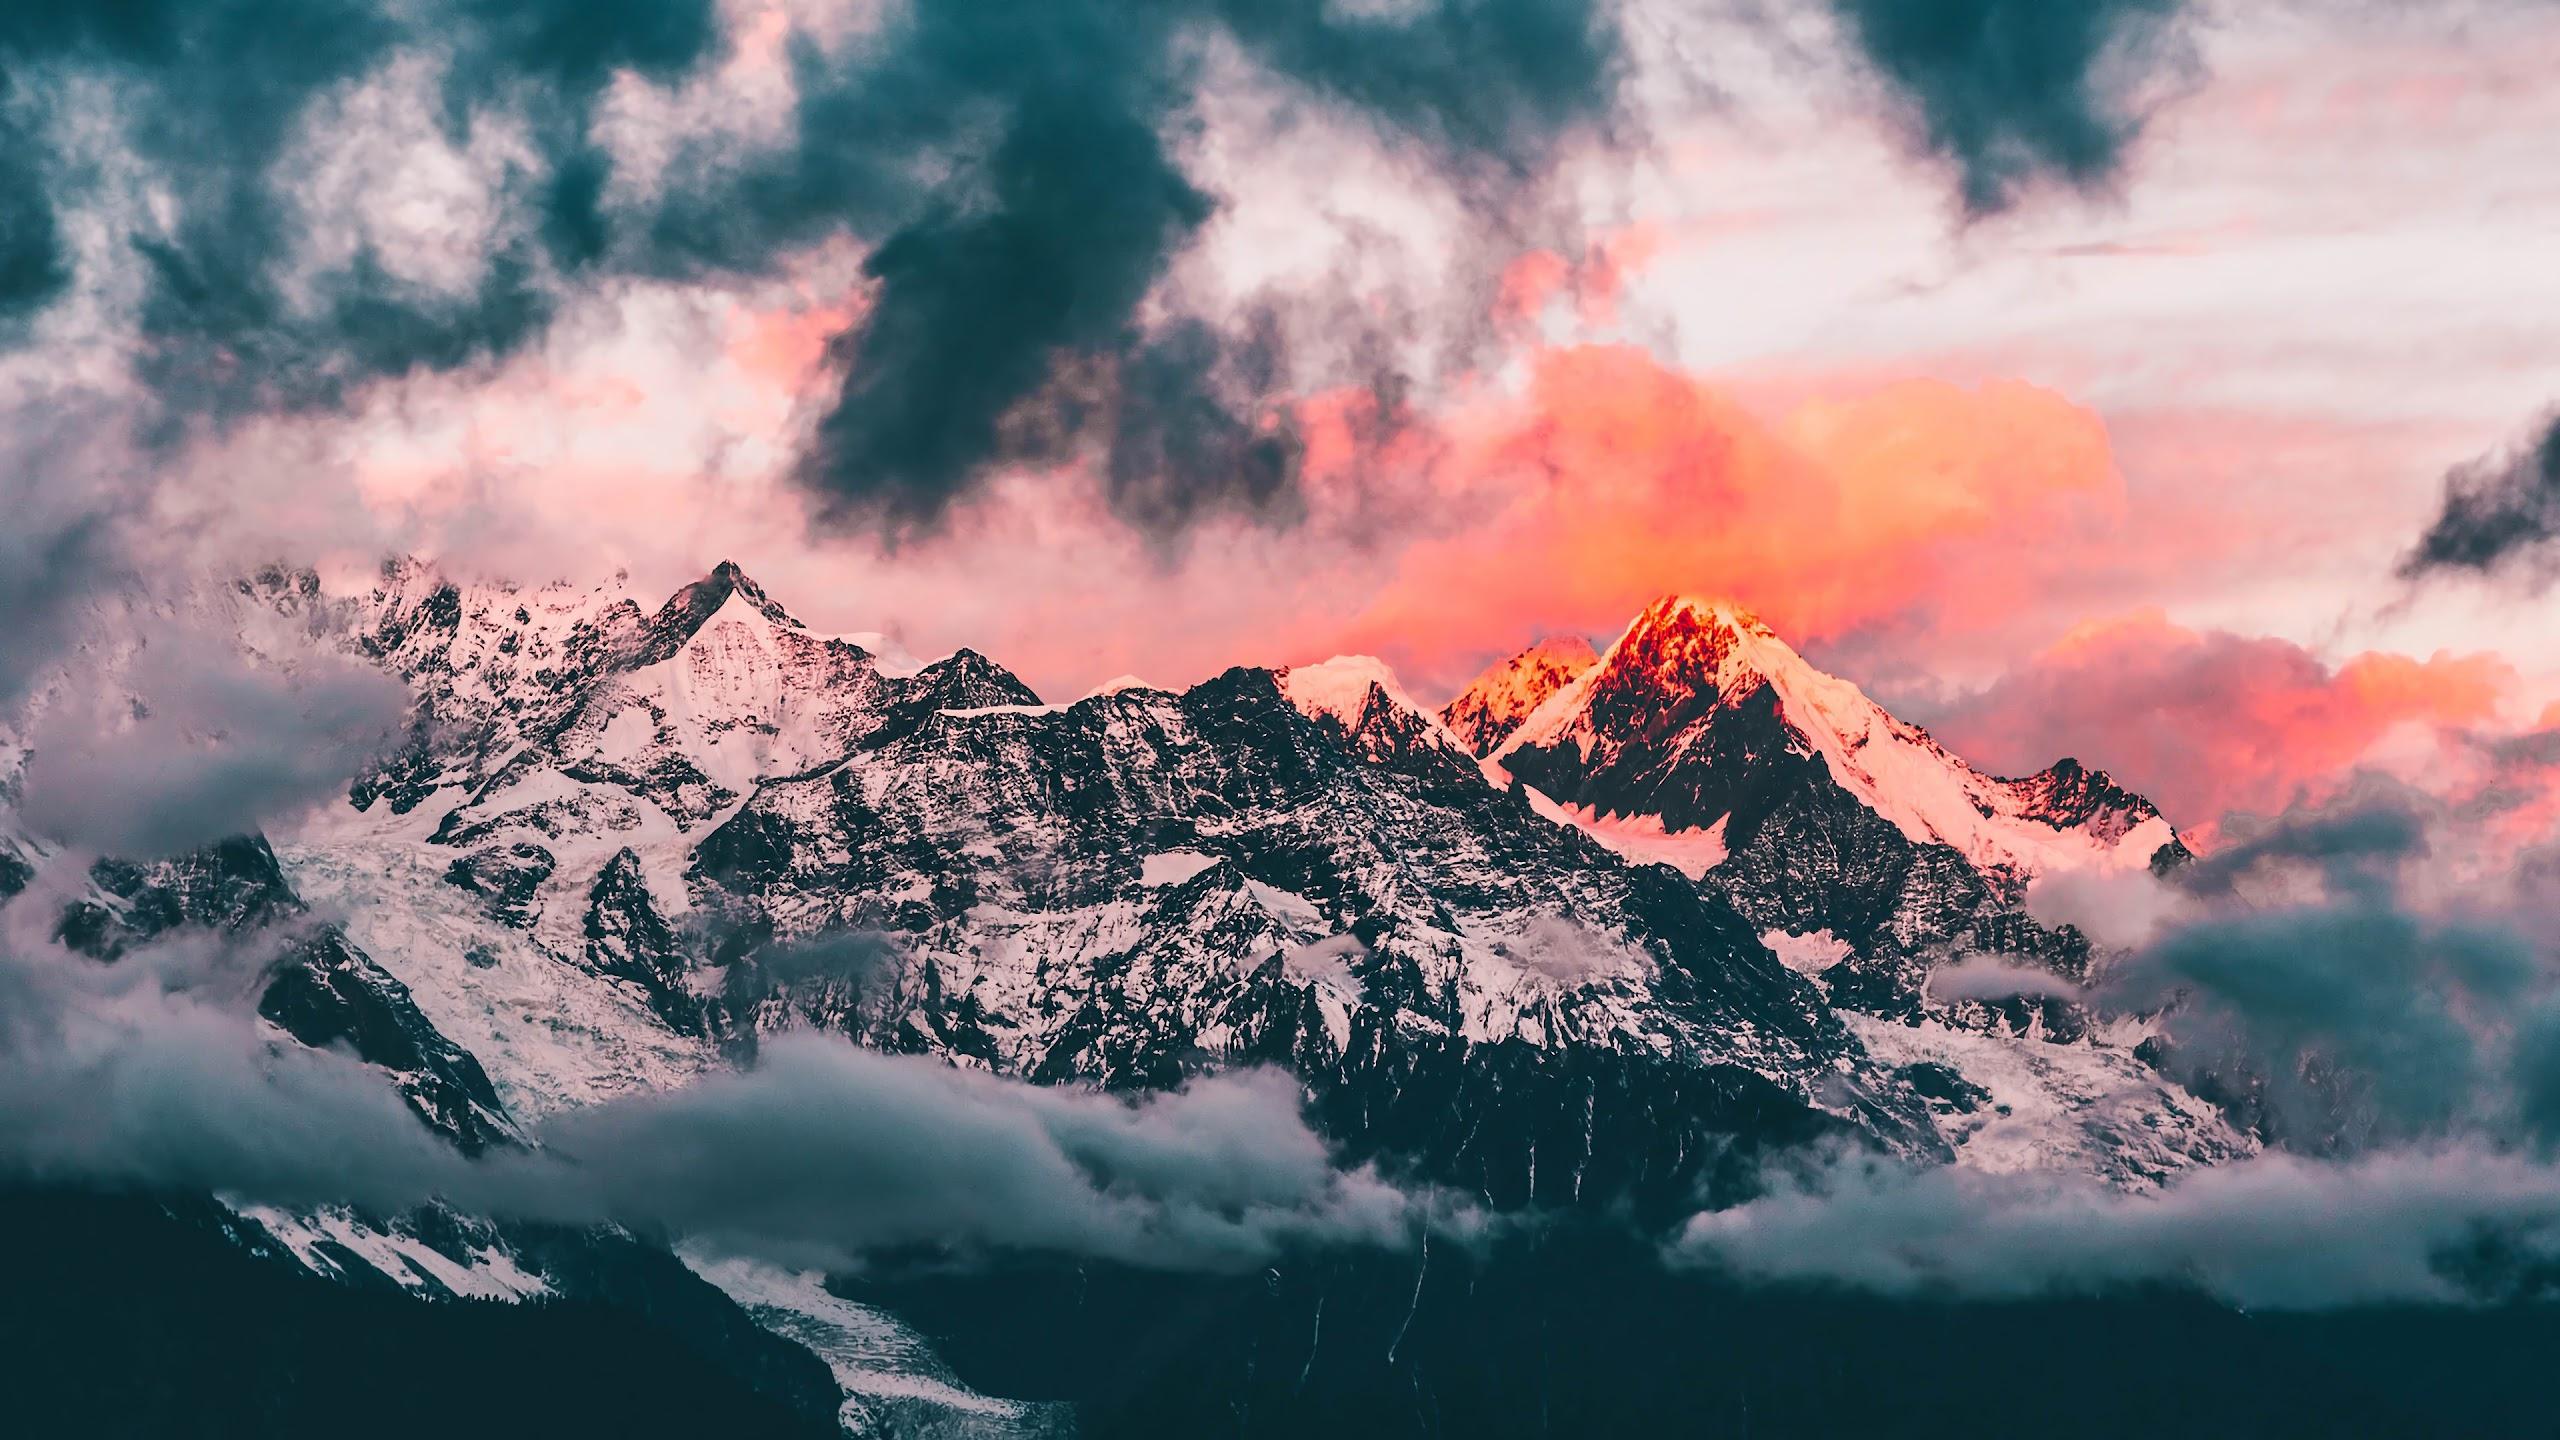 Mountain Clouds Landscape Scenery 4k Wallpaper 165